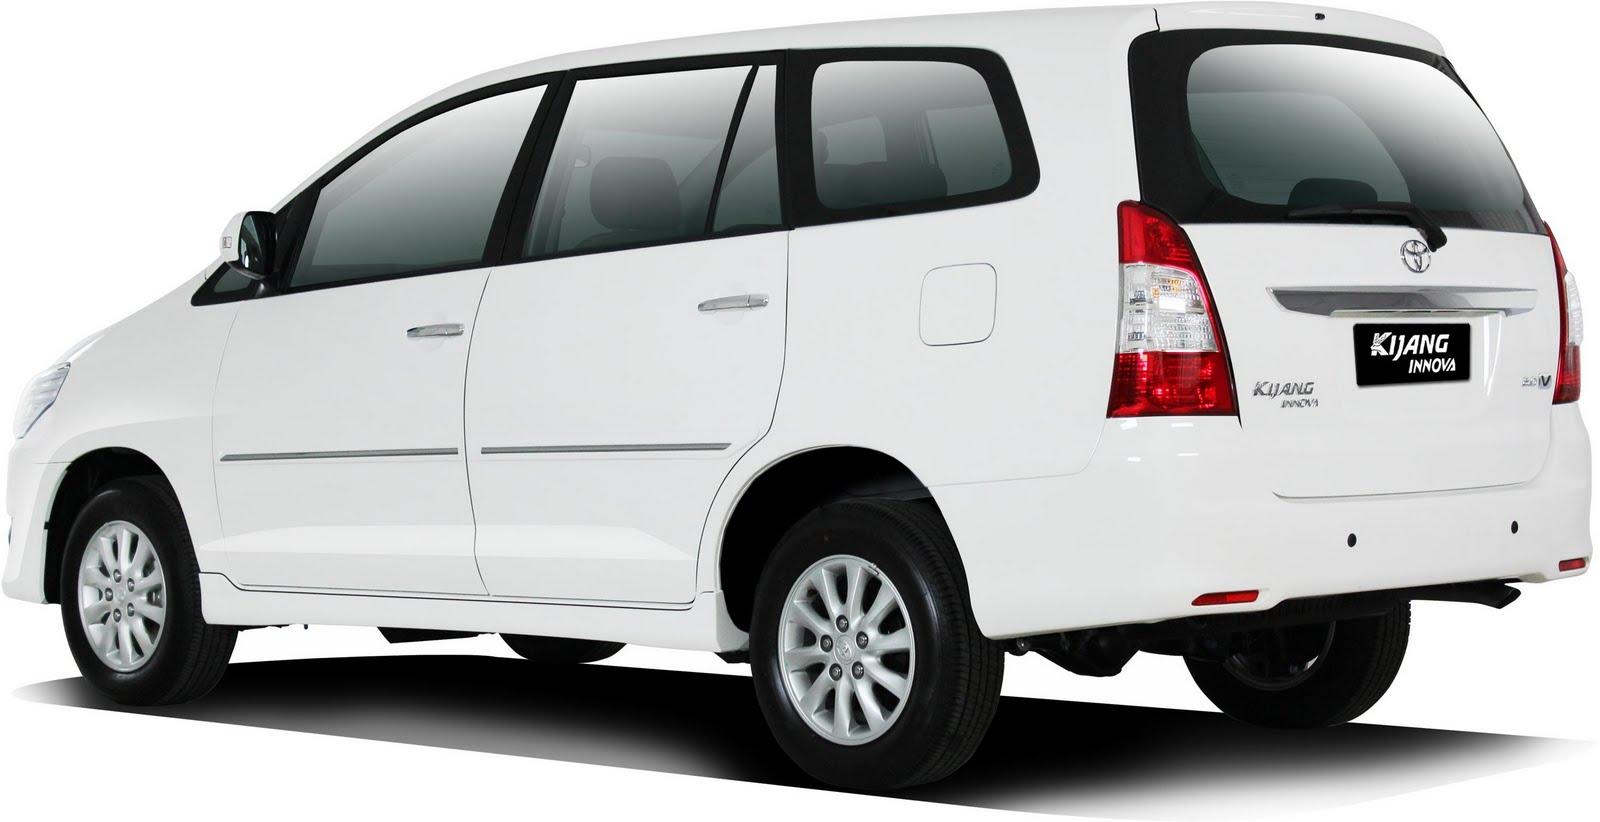 Harga Mobil Inova Kijang - Valorro